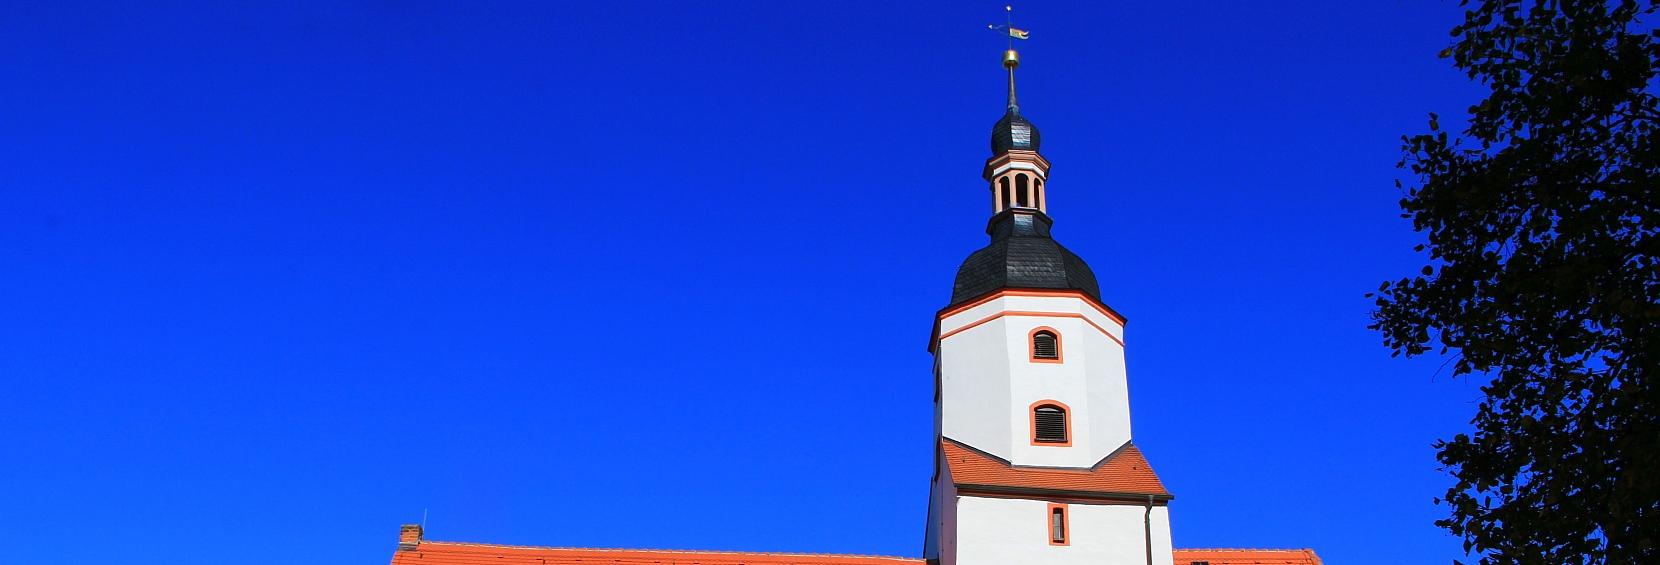 St. Martinskirche Nerchau